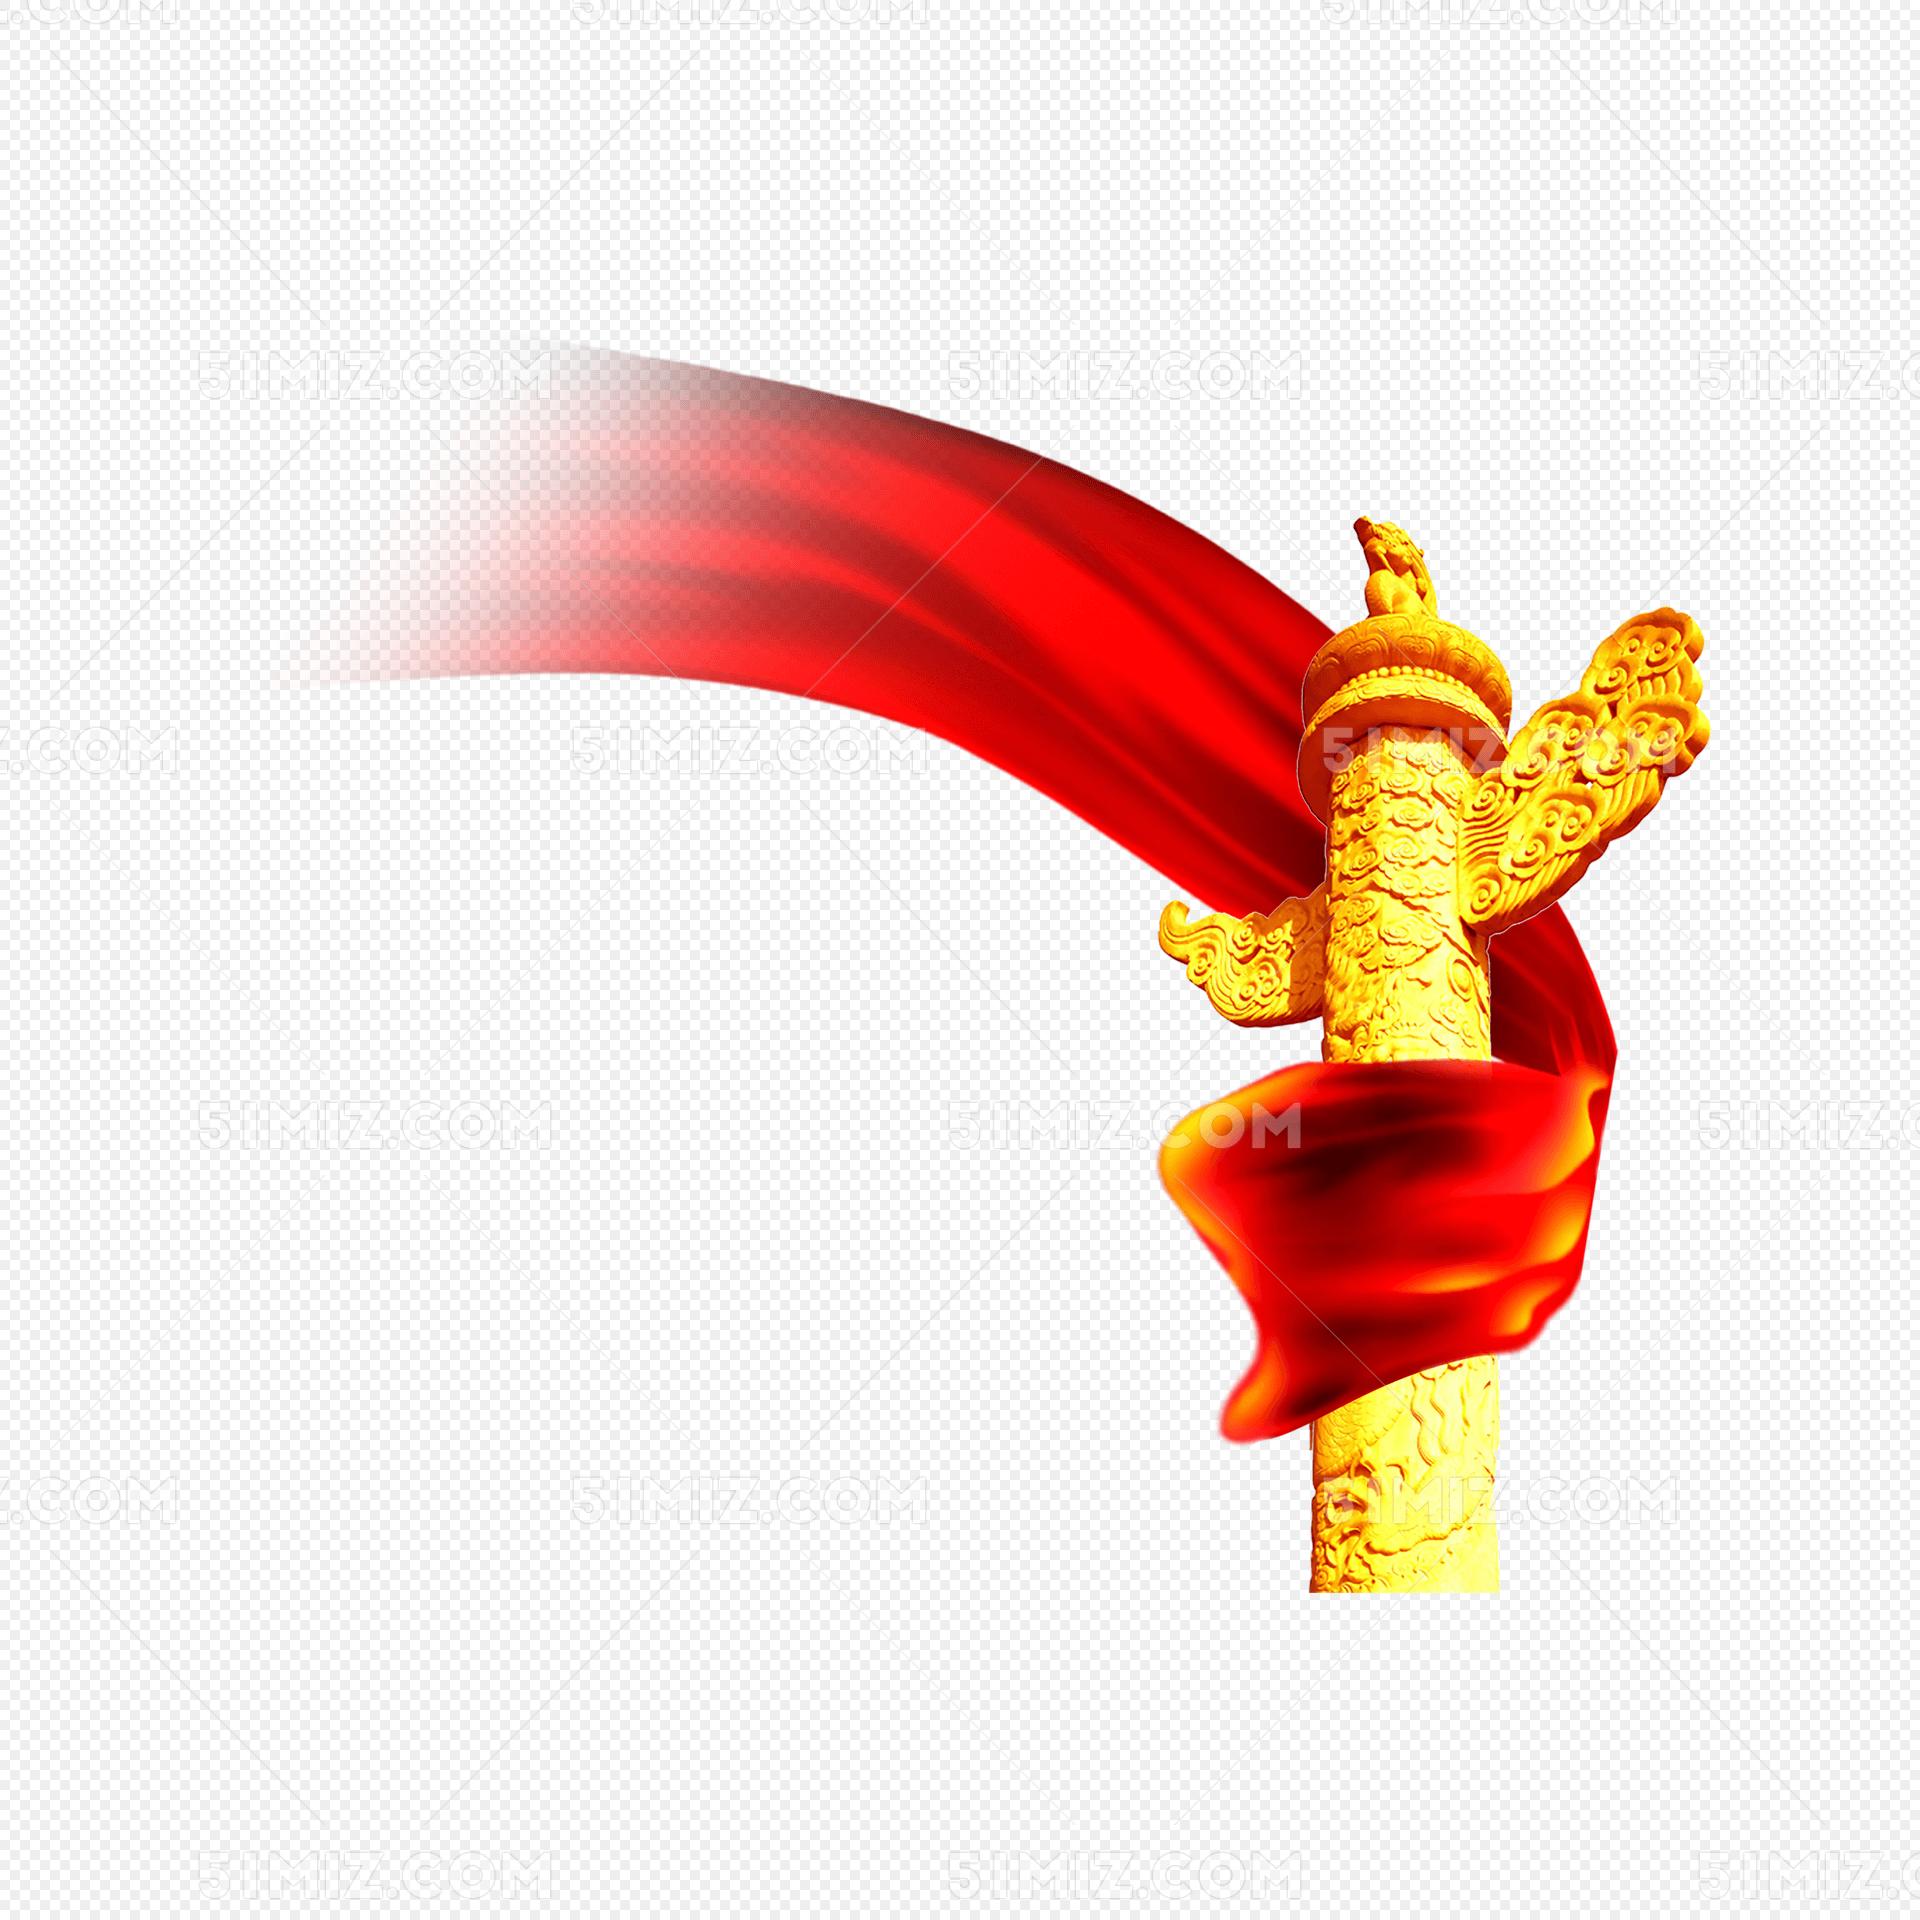 天安门华表绸带装饰图片素材免费下载_觅知网